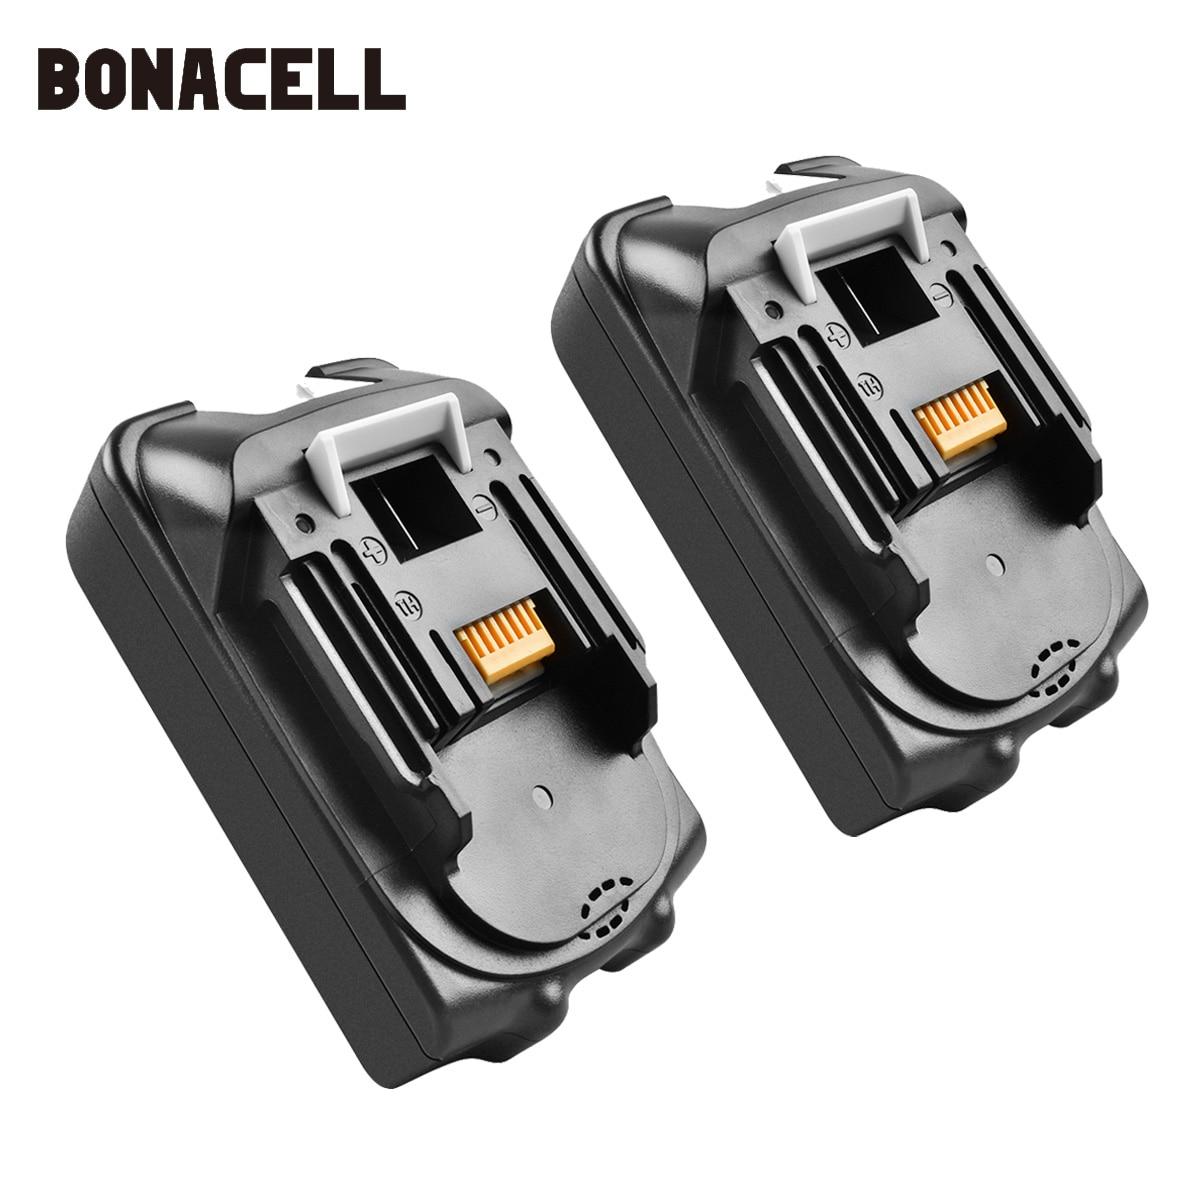 Bonacell For Makita BL1830 18V 2000mAh Power tools battery replacement BL1815 BL1840 LXT400 194204-5 194205-3 194309-1 L10Bonacell For Makita BL1830 18V 2000mAh Power tools battery replacement BL1815 BL1840 LXT400 194204-5 194205-3 194309-1 L10